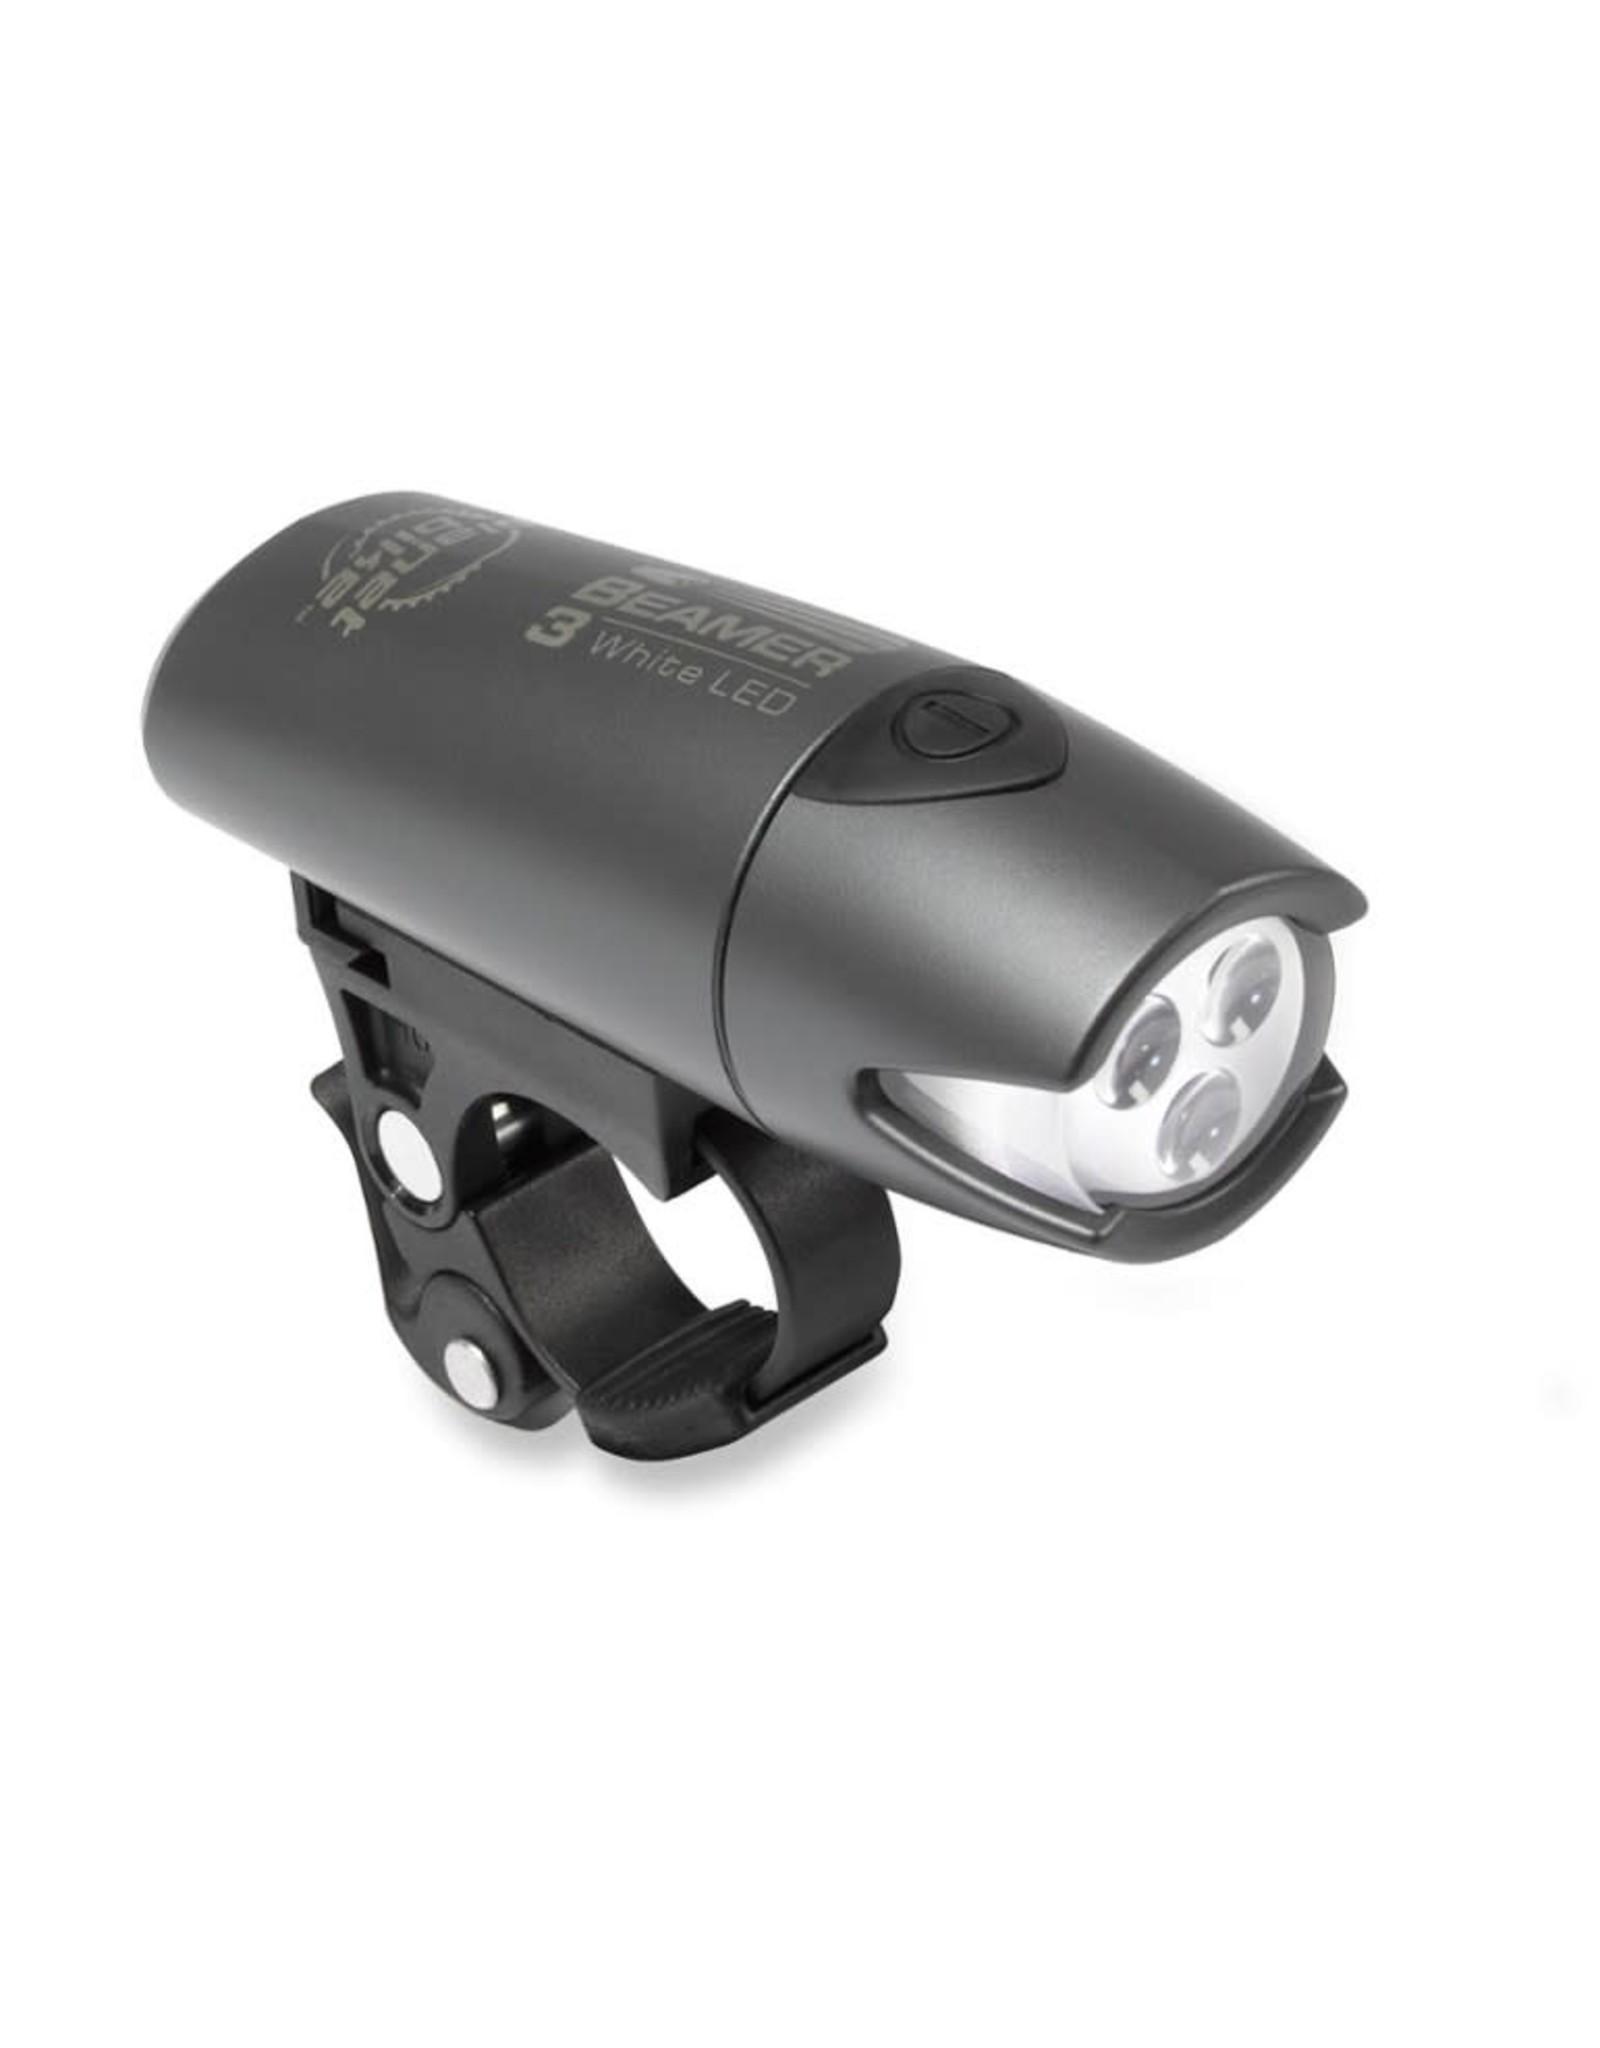 Planet Bike Planet Bike 3 LED Beamer Headlight